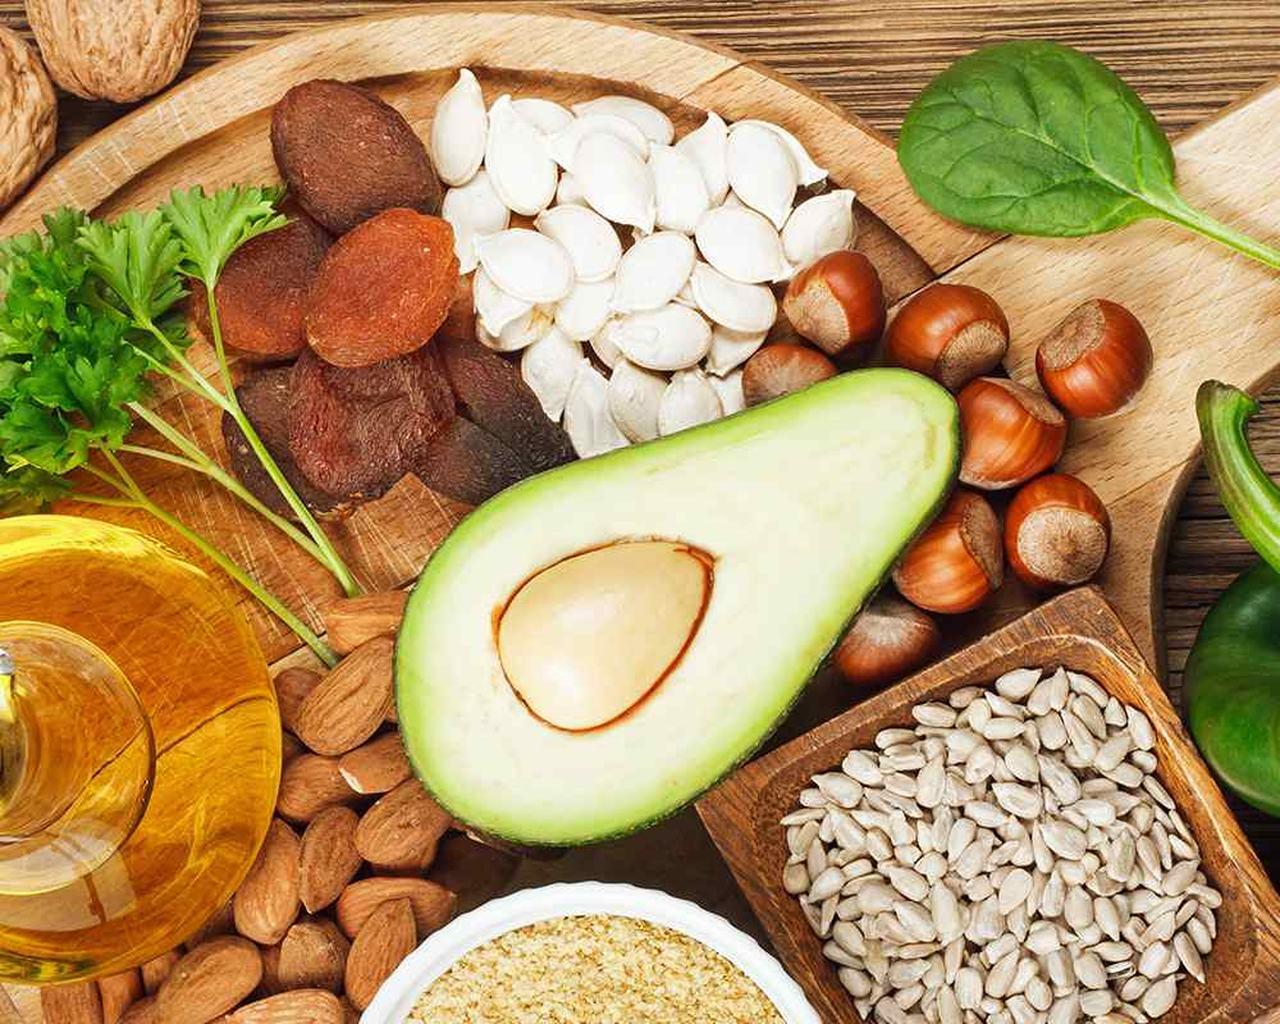 ahşap bir servis tabağının üzerine konmuş fındık, kuru kayısı, avokado, zeytinyağı, kabak çekirdeği, maydanoz gibi saç için vitamin e içeren besinler